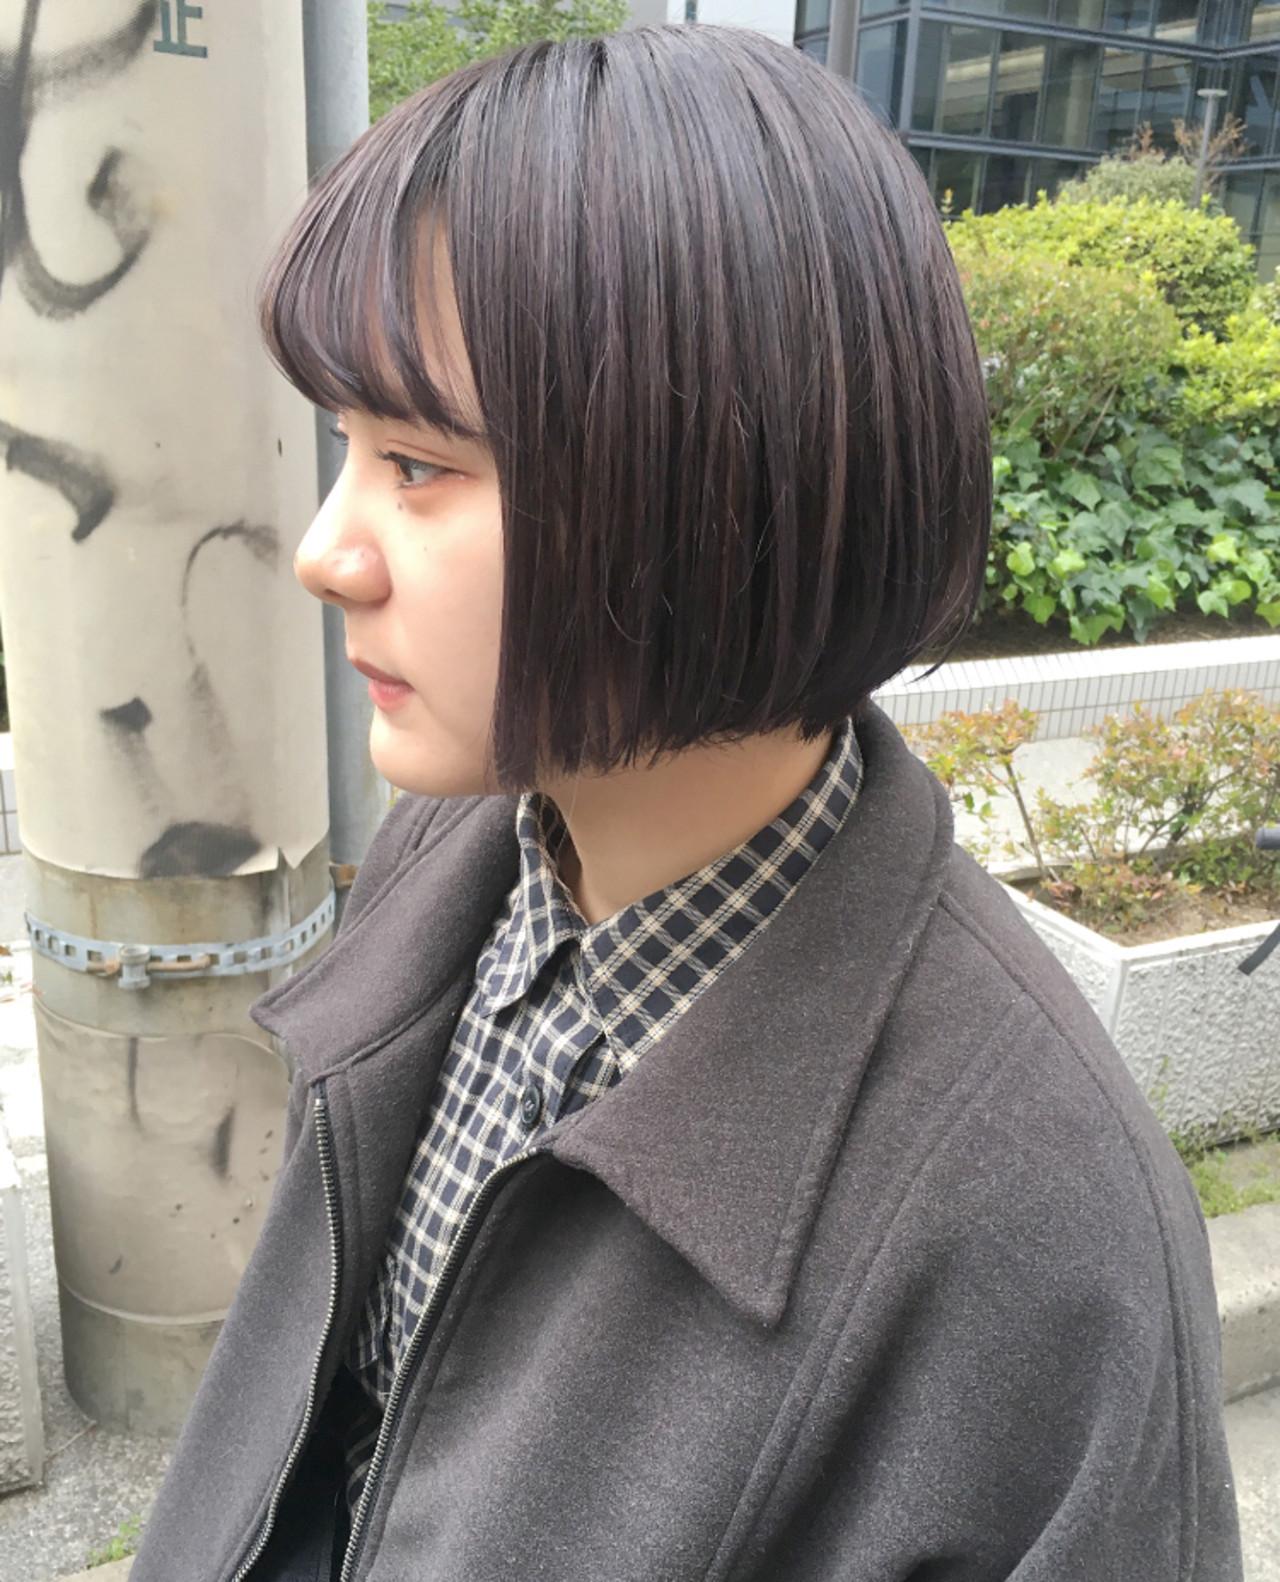 デート ヘアアレンジ アウトドア モード ヘアスタイルや髪型の写真・画像